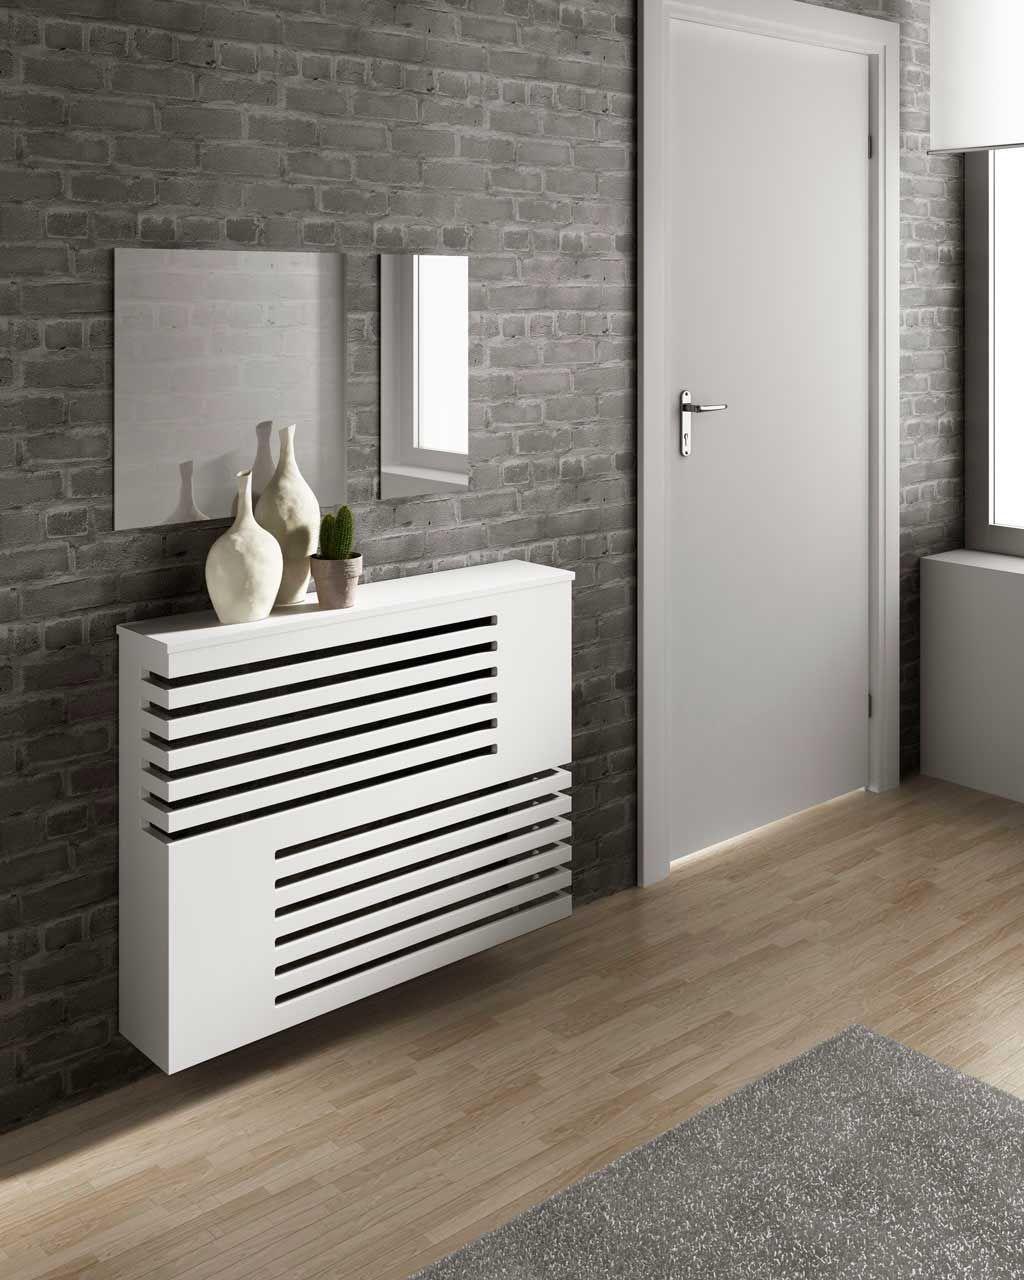 Cubreradiador serra blanco reformas pinterest blanco for Muebles cubreradiadores modernos